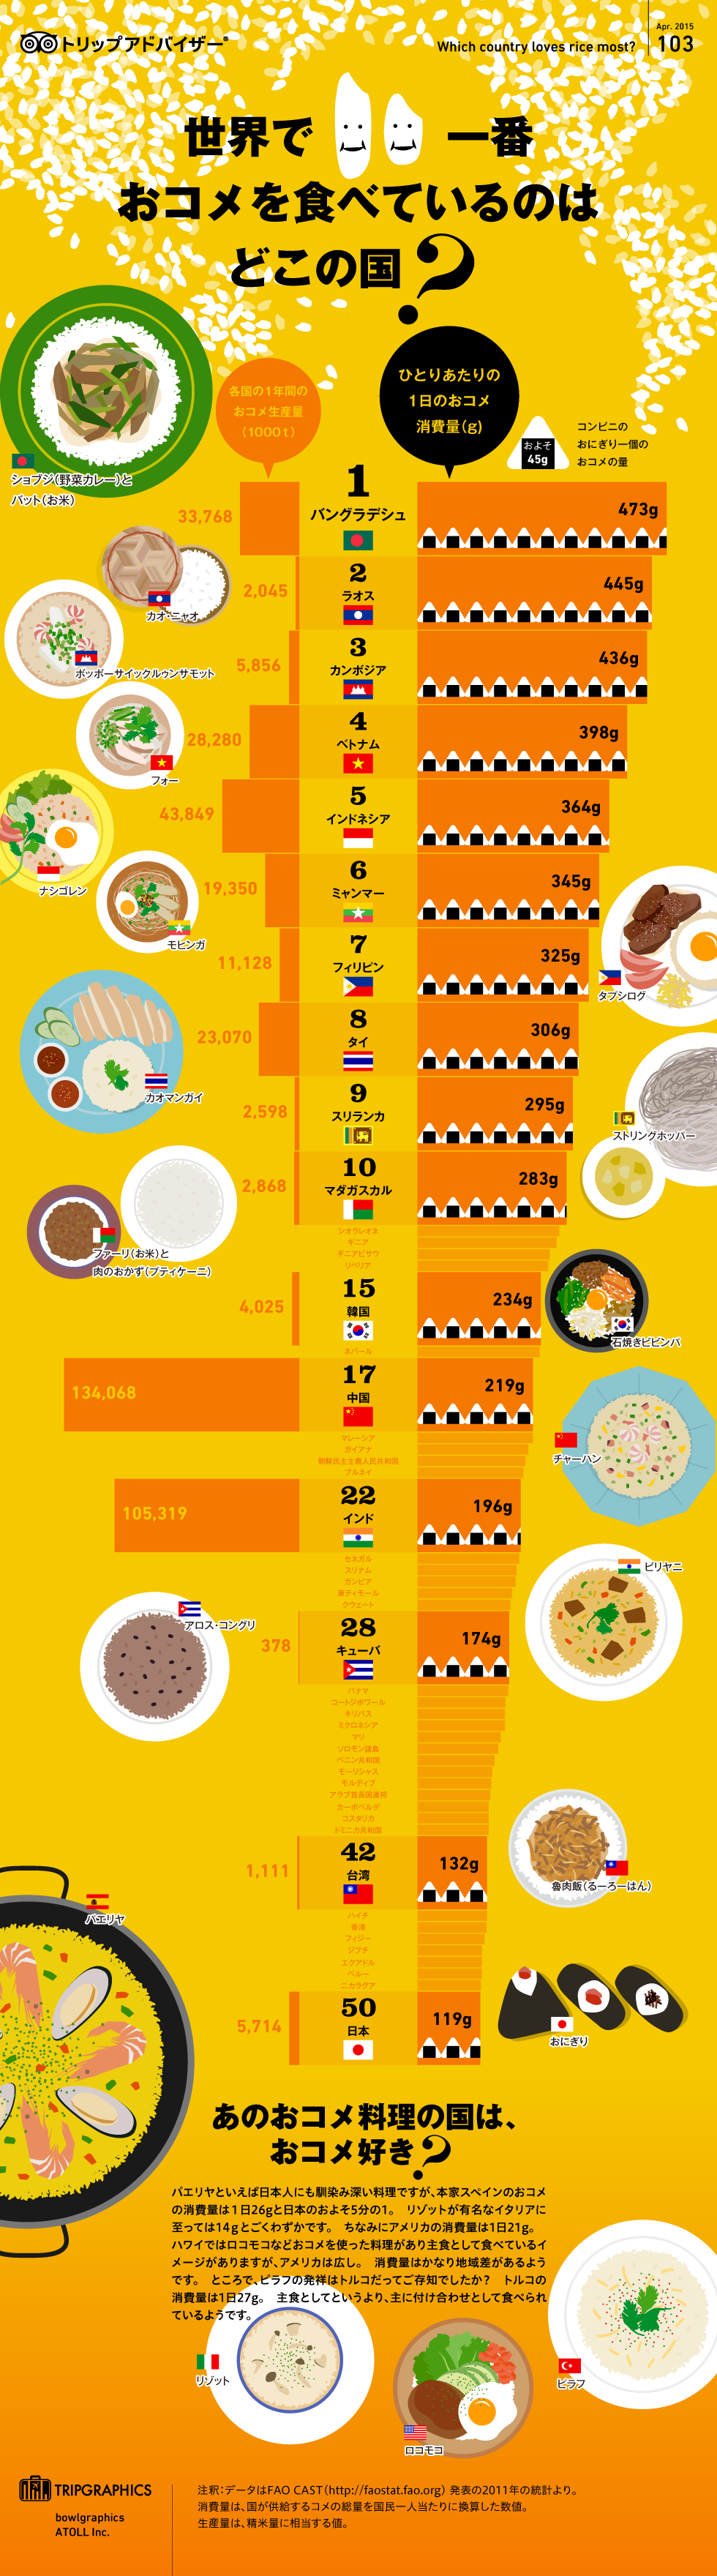 お米を食べる国ベスト10!日本の米消費は50年で4割減少を表すインフォグラフィック